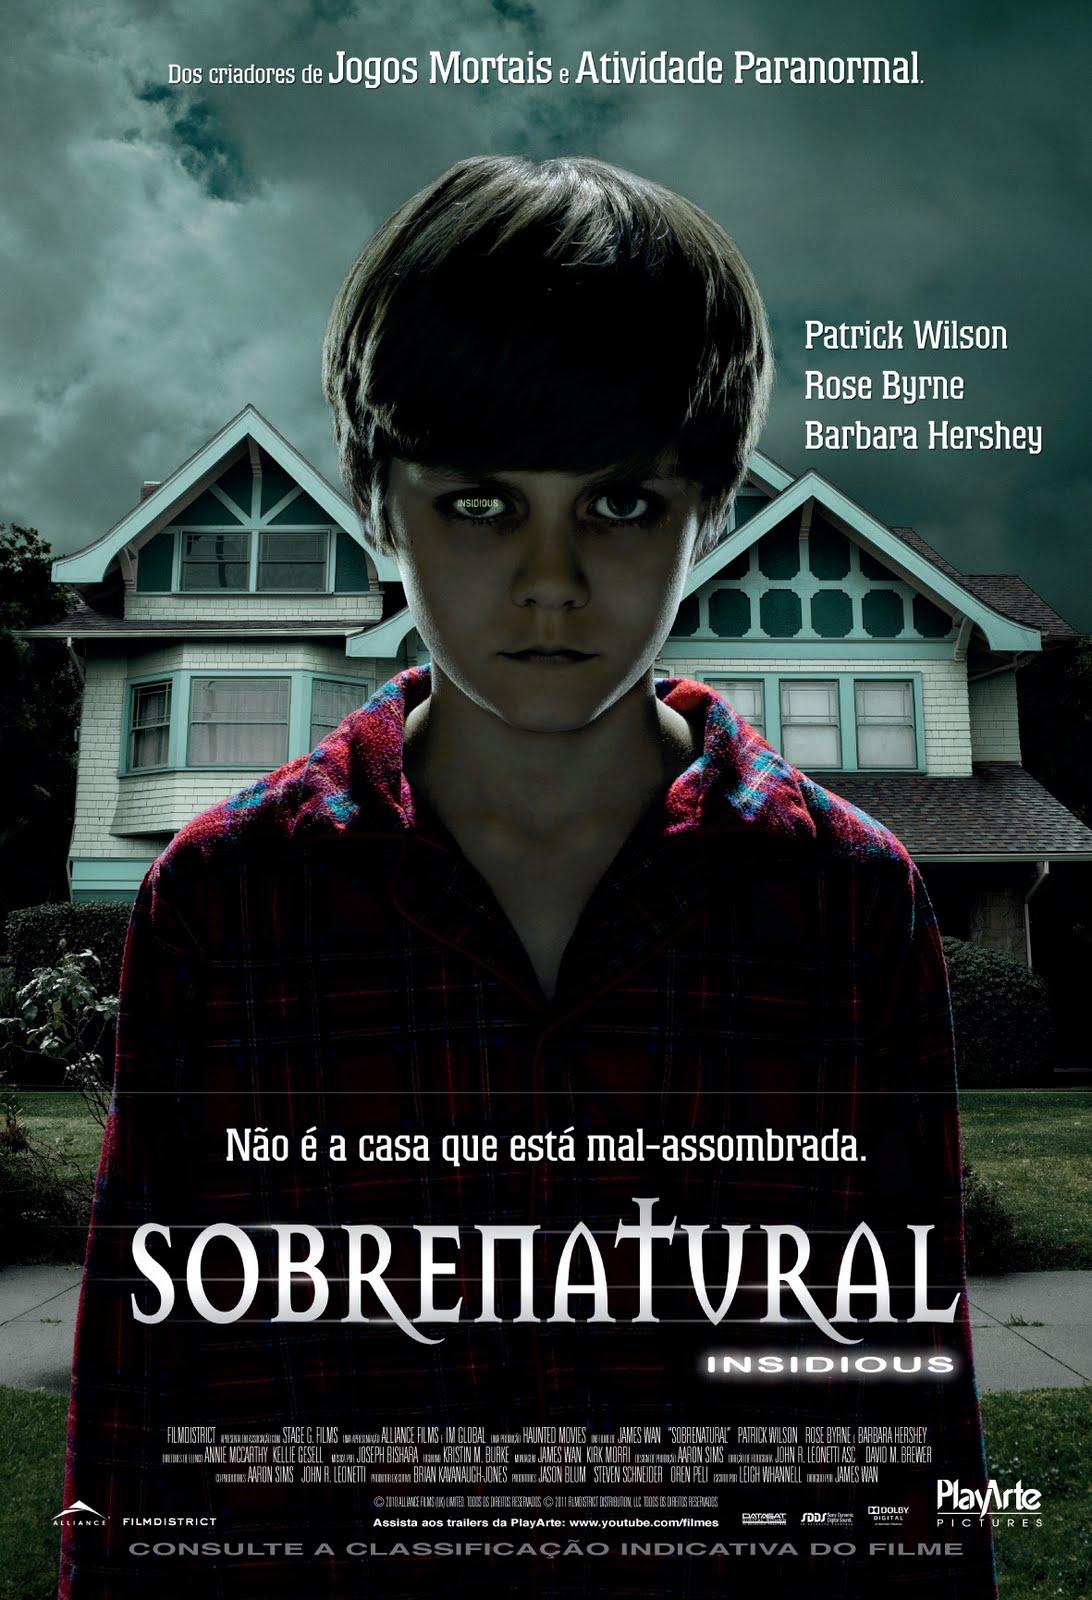 Filme Dentro Da Casa intended for sobrenatural (insidious) – finalmente um grande filme de terror